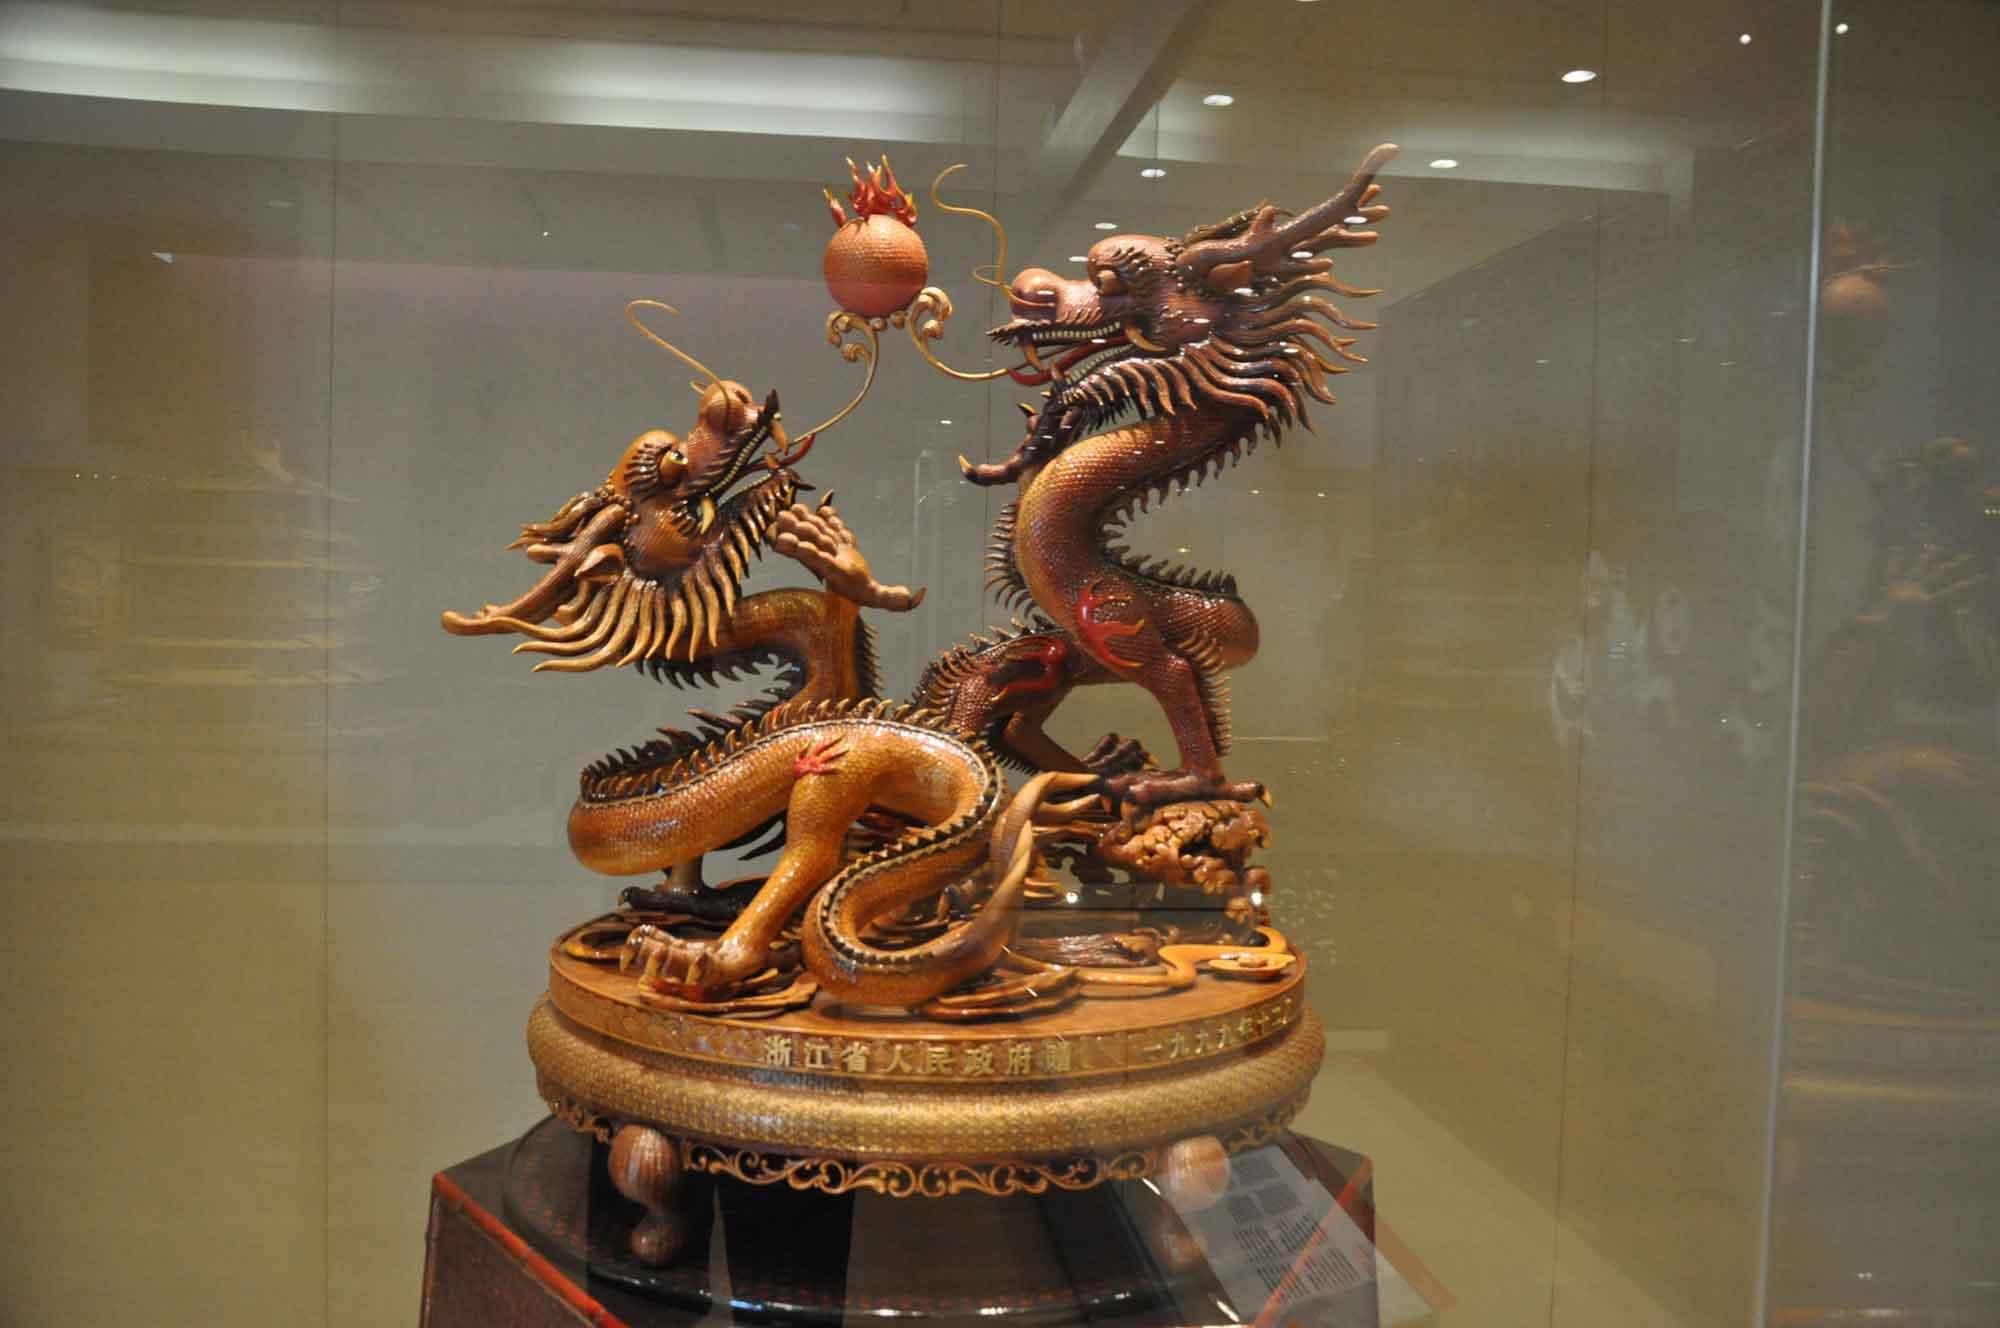 Handover Gifts Museum Macau Zhejiang province dragons